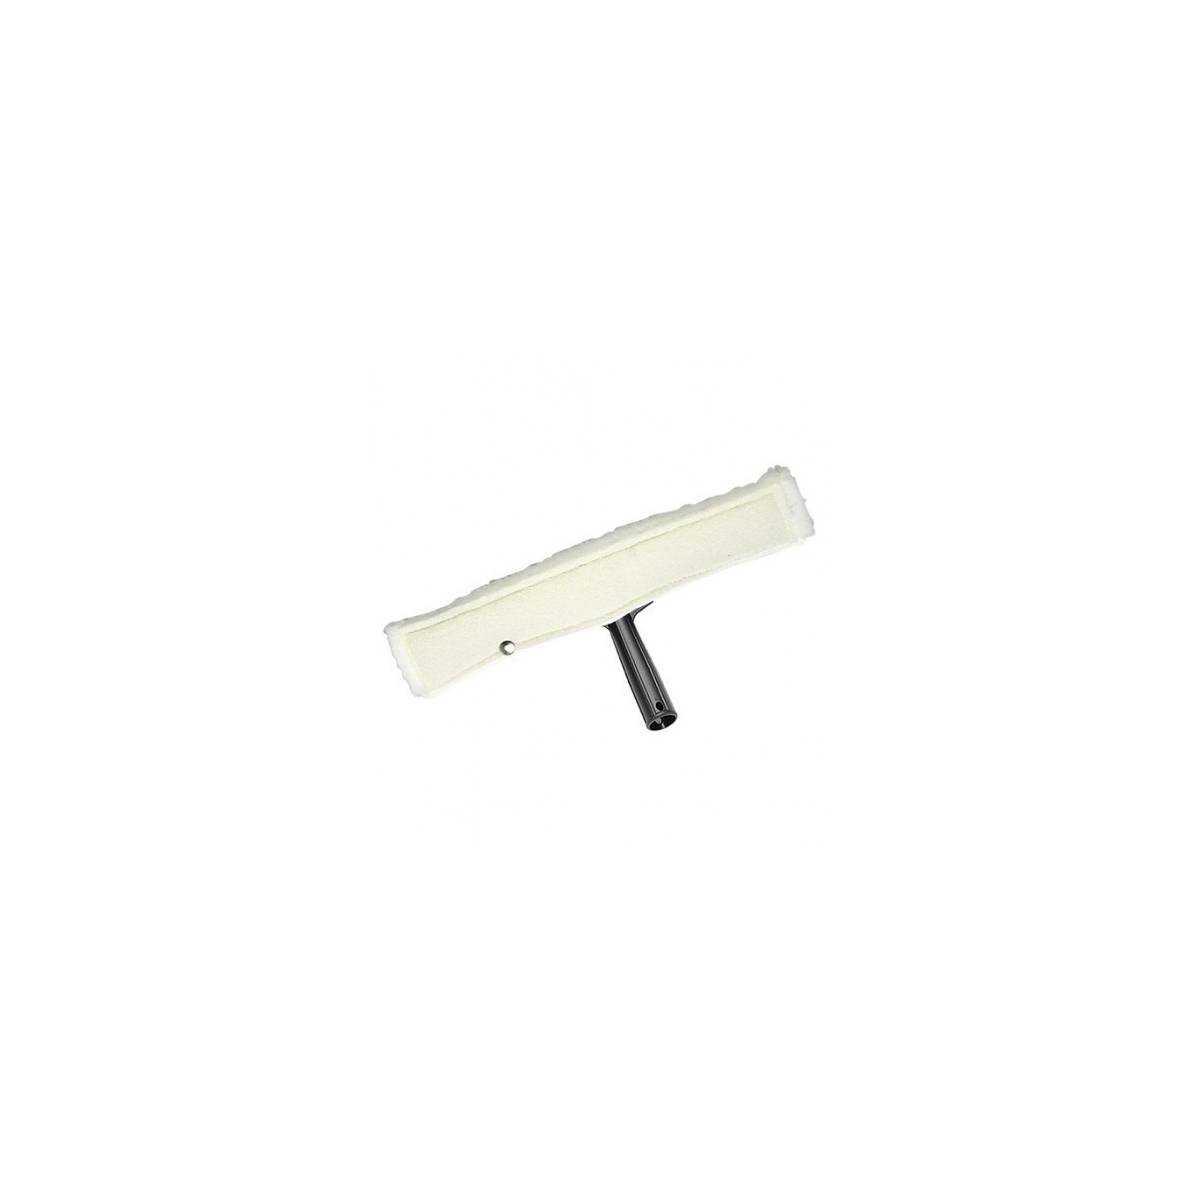 Держатель пластиковый с абразивным падом для окон 35см 8281 TTS